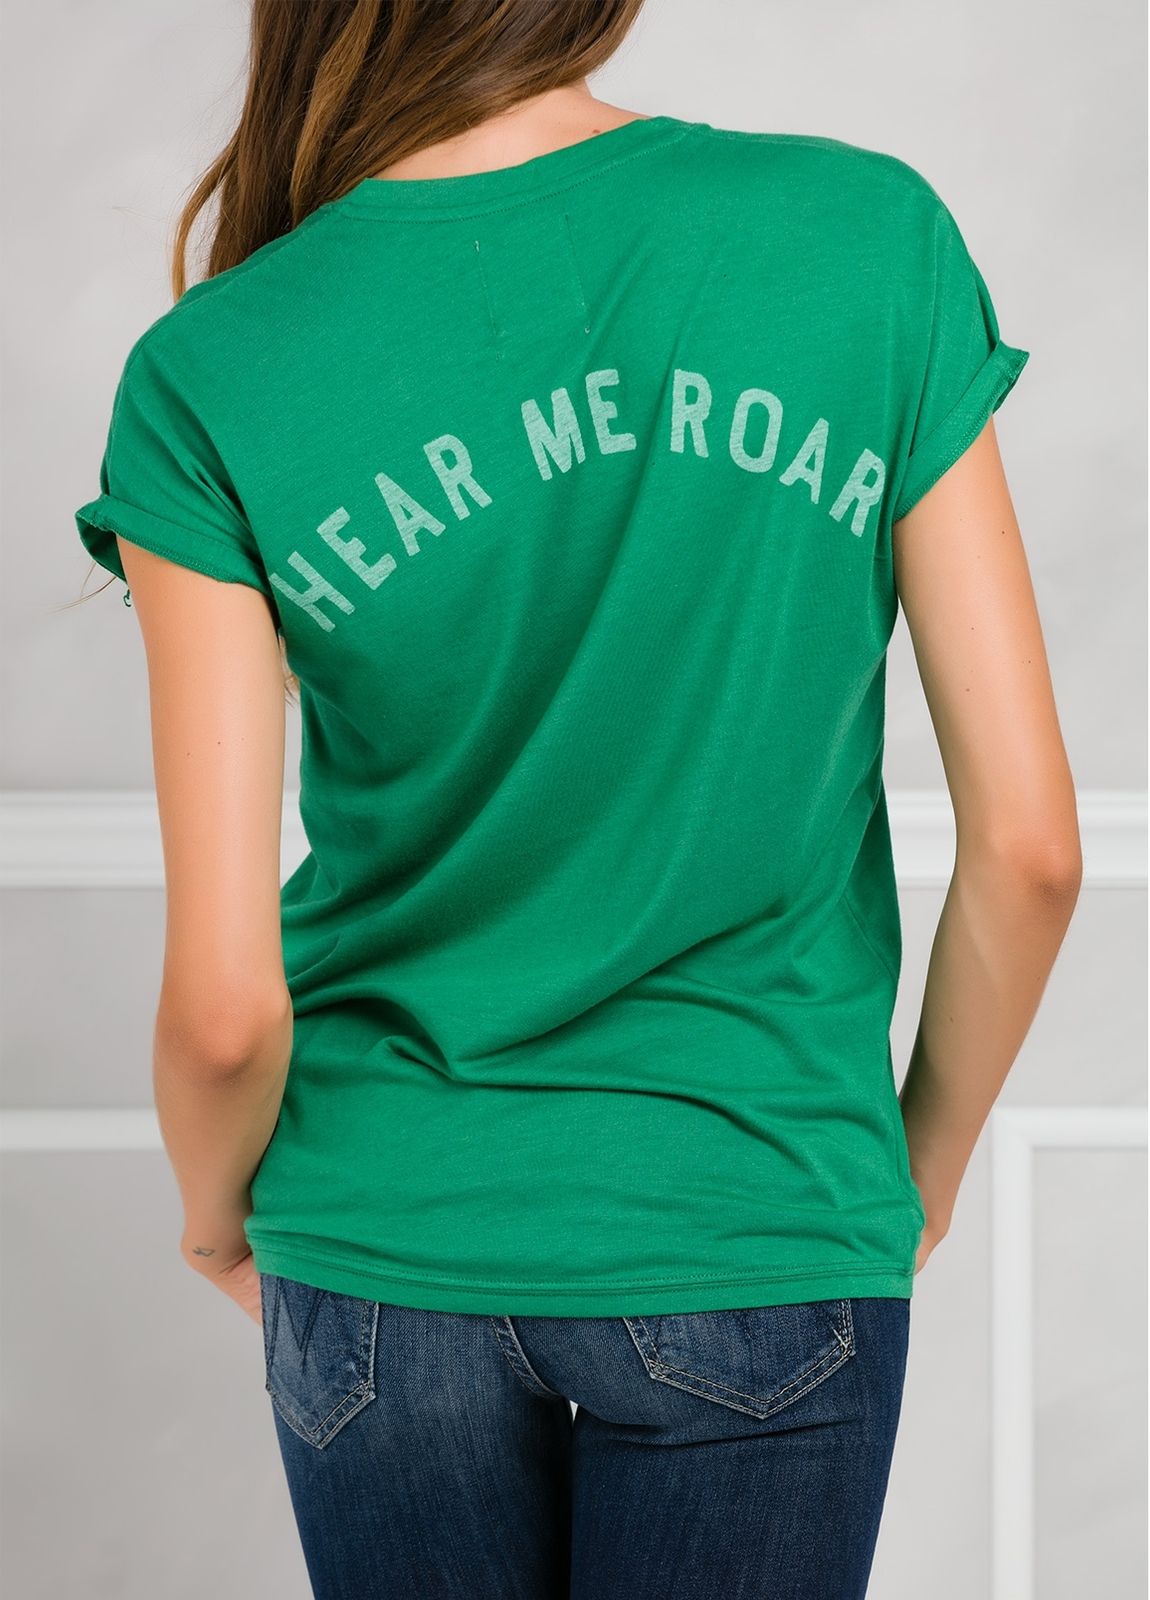 Camiseta manga corta y cuello pico color verde con estampado gráfico en espalda. - Ítem1